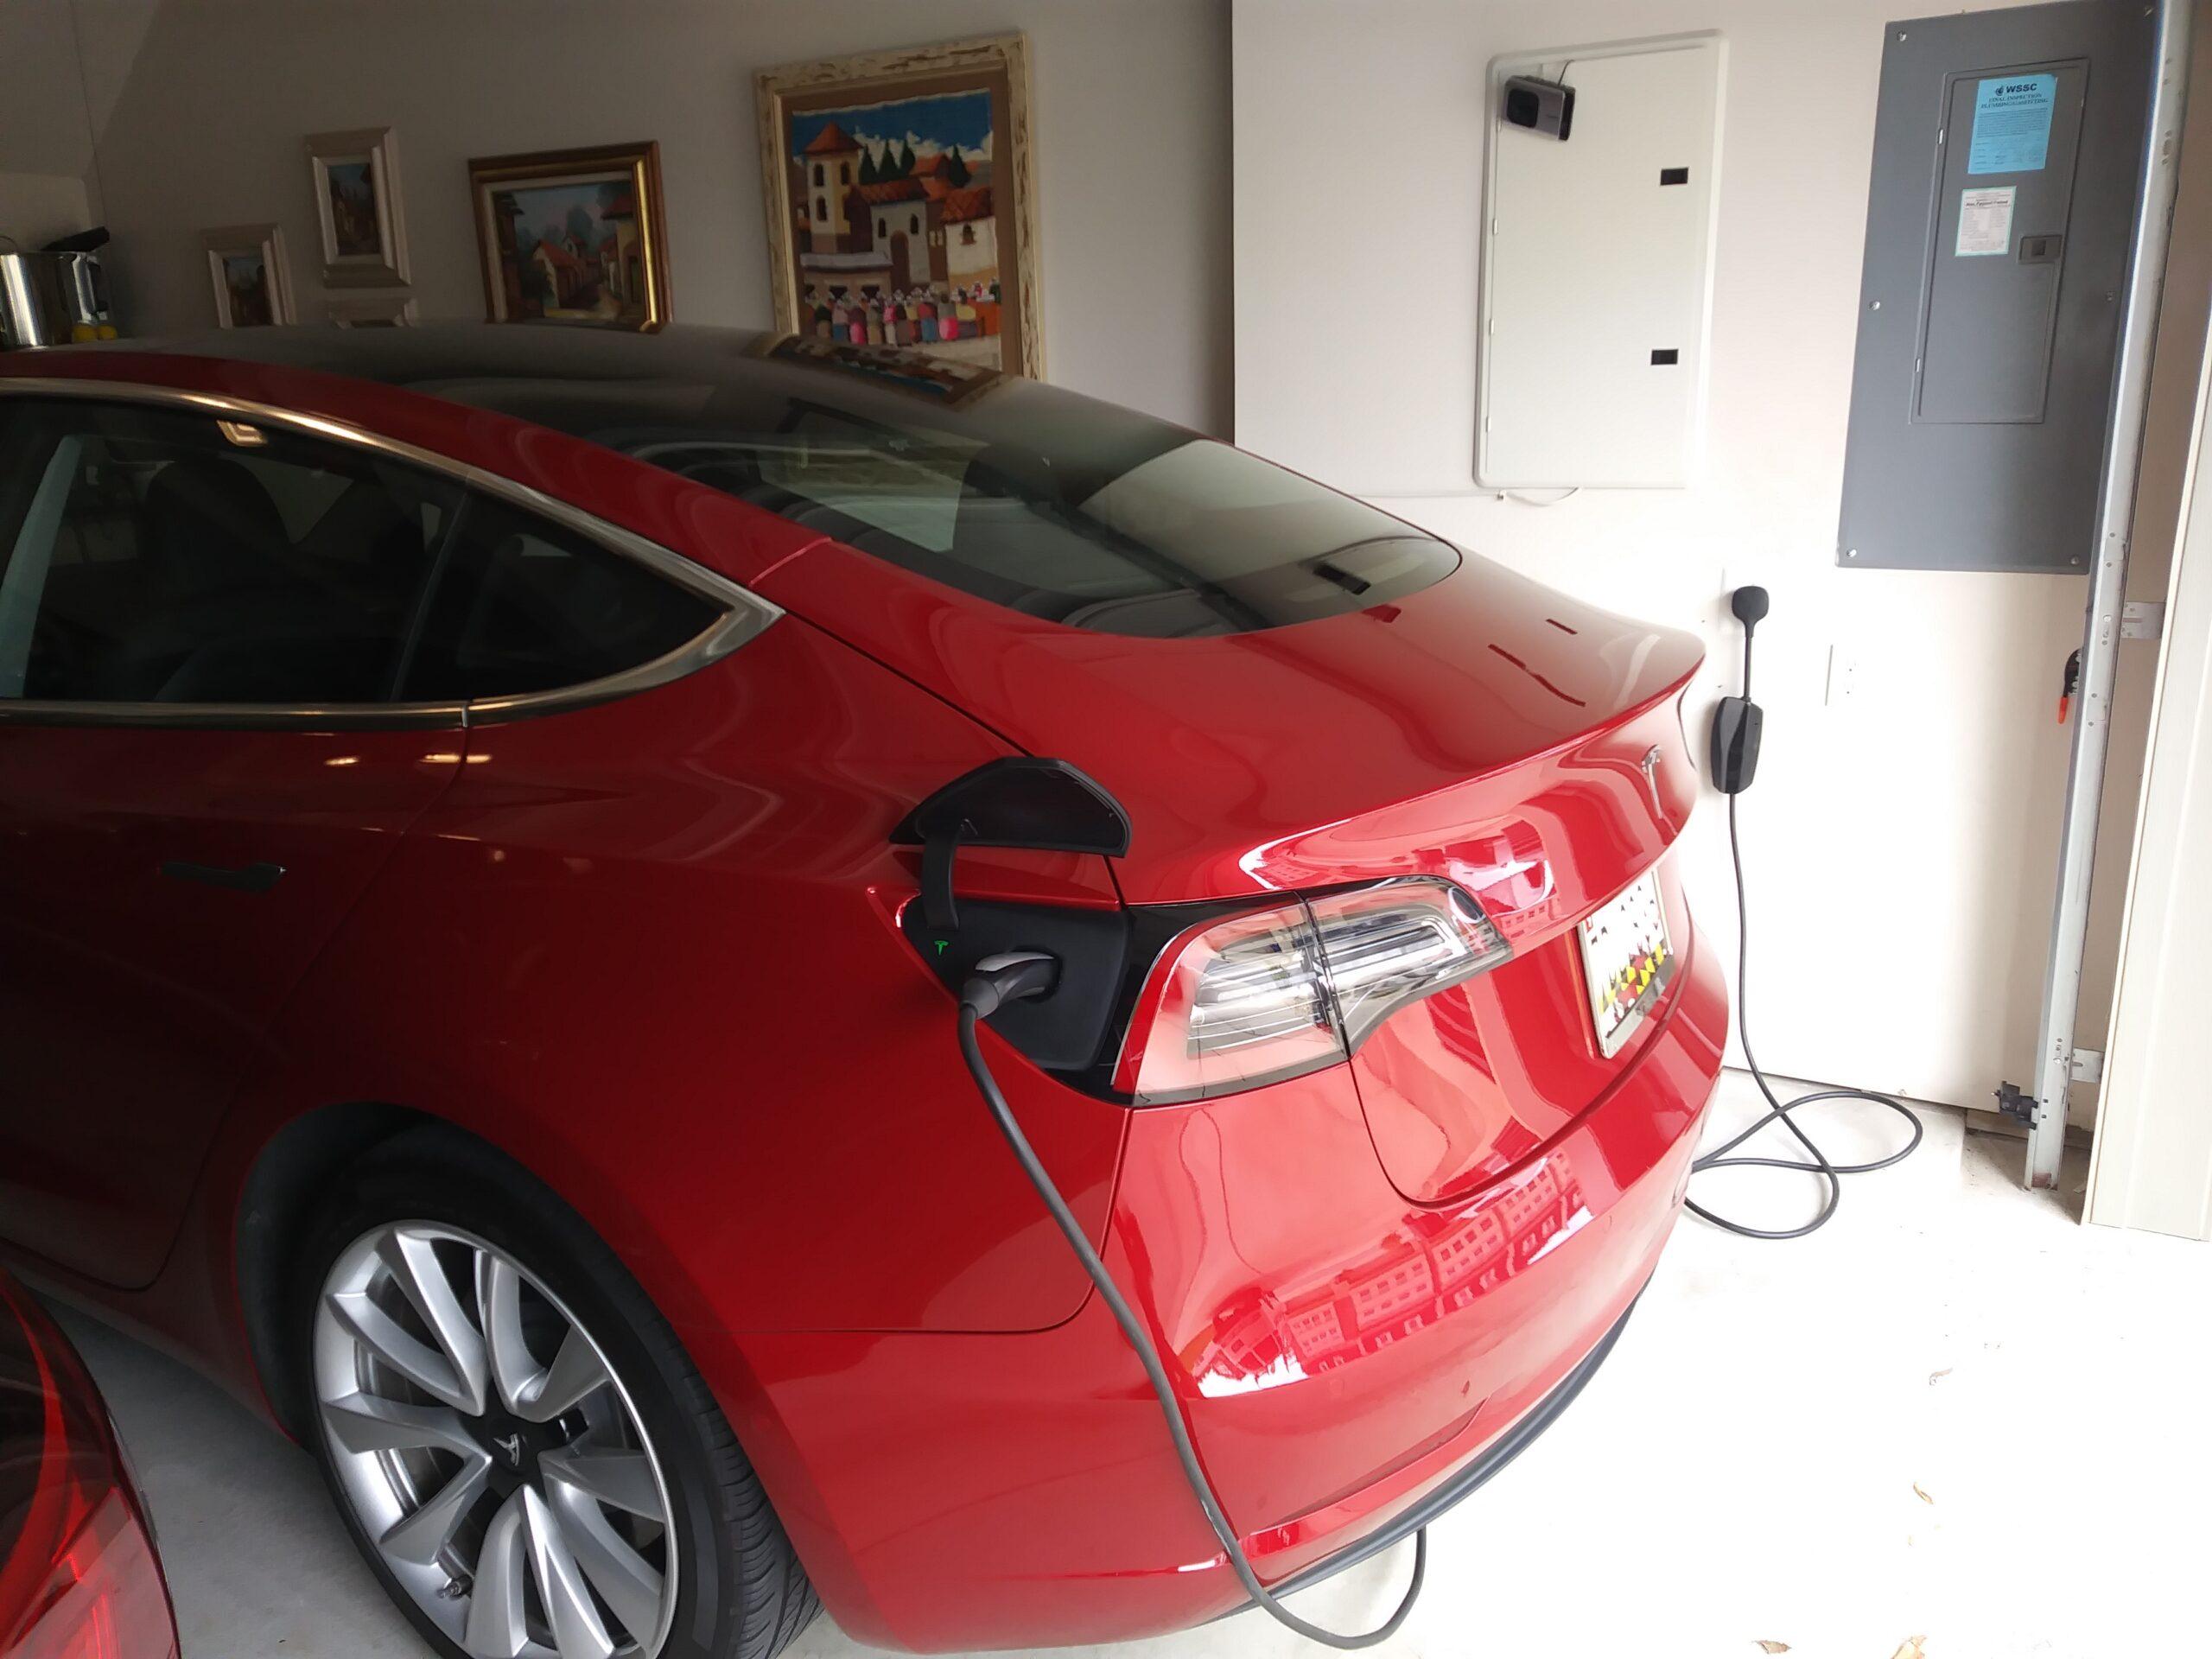 Telsa Nema 14-50 under panel in garage.